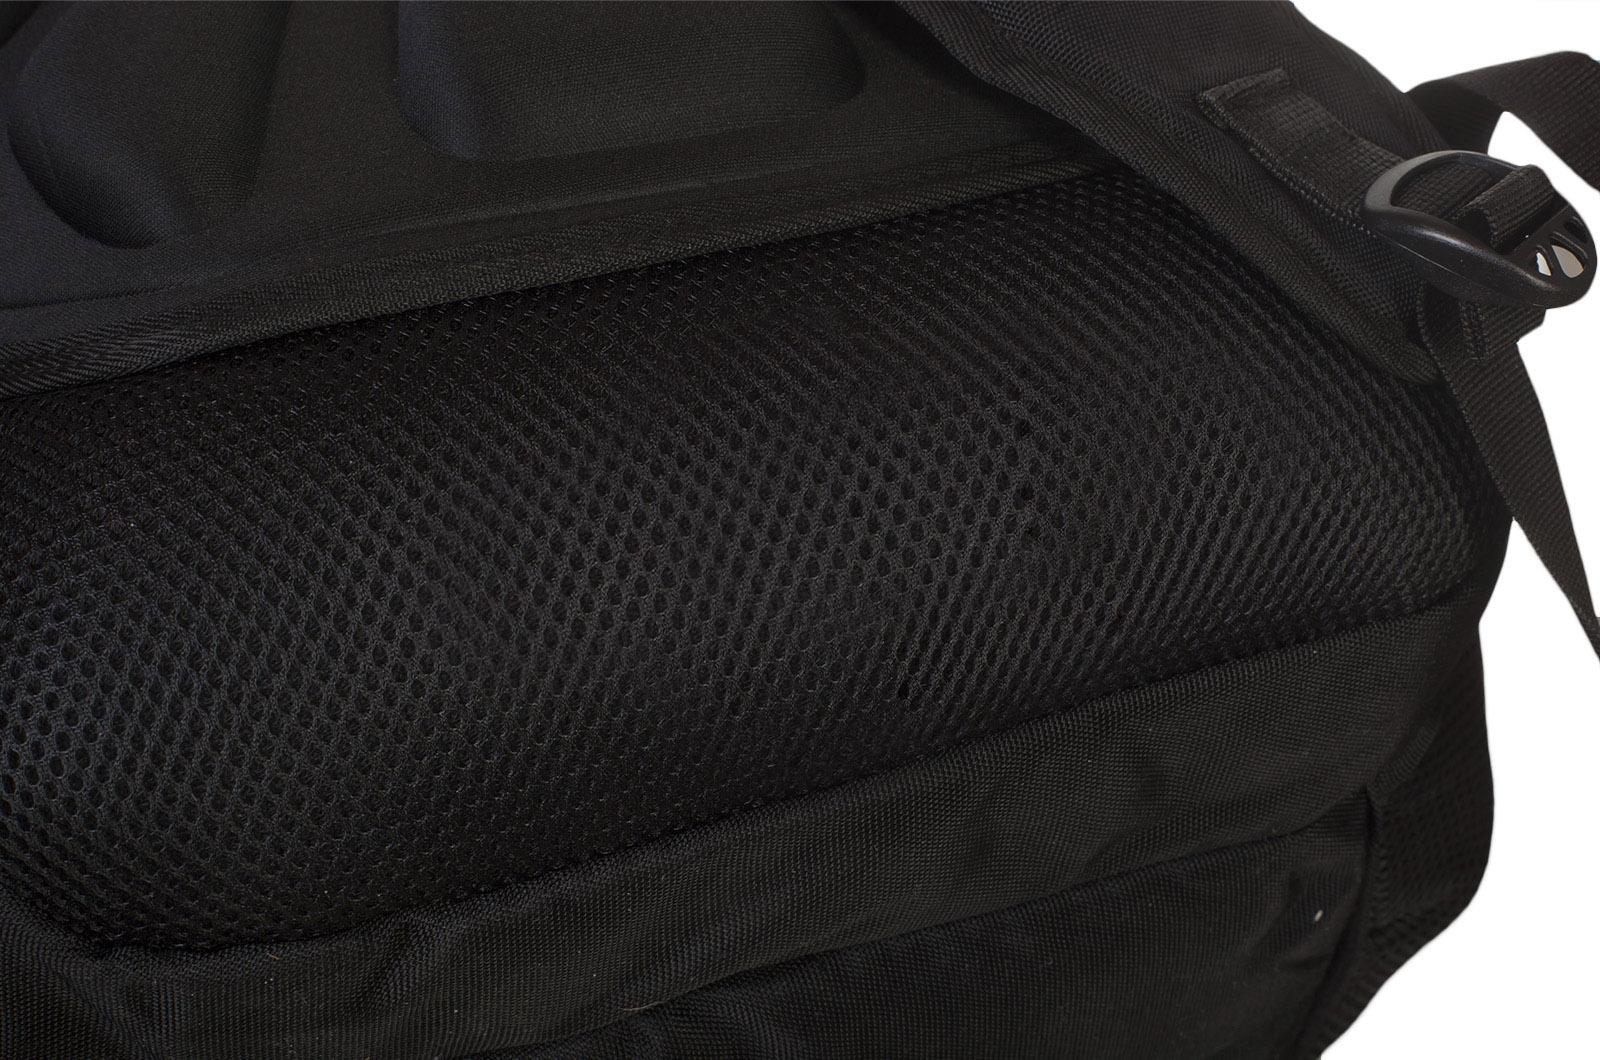 Практичный черный рюкзак с нашивкой ОПЛОТ Спецназ - купить выгодно